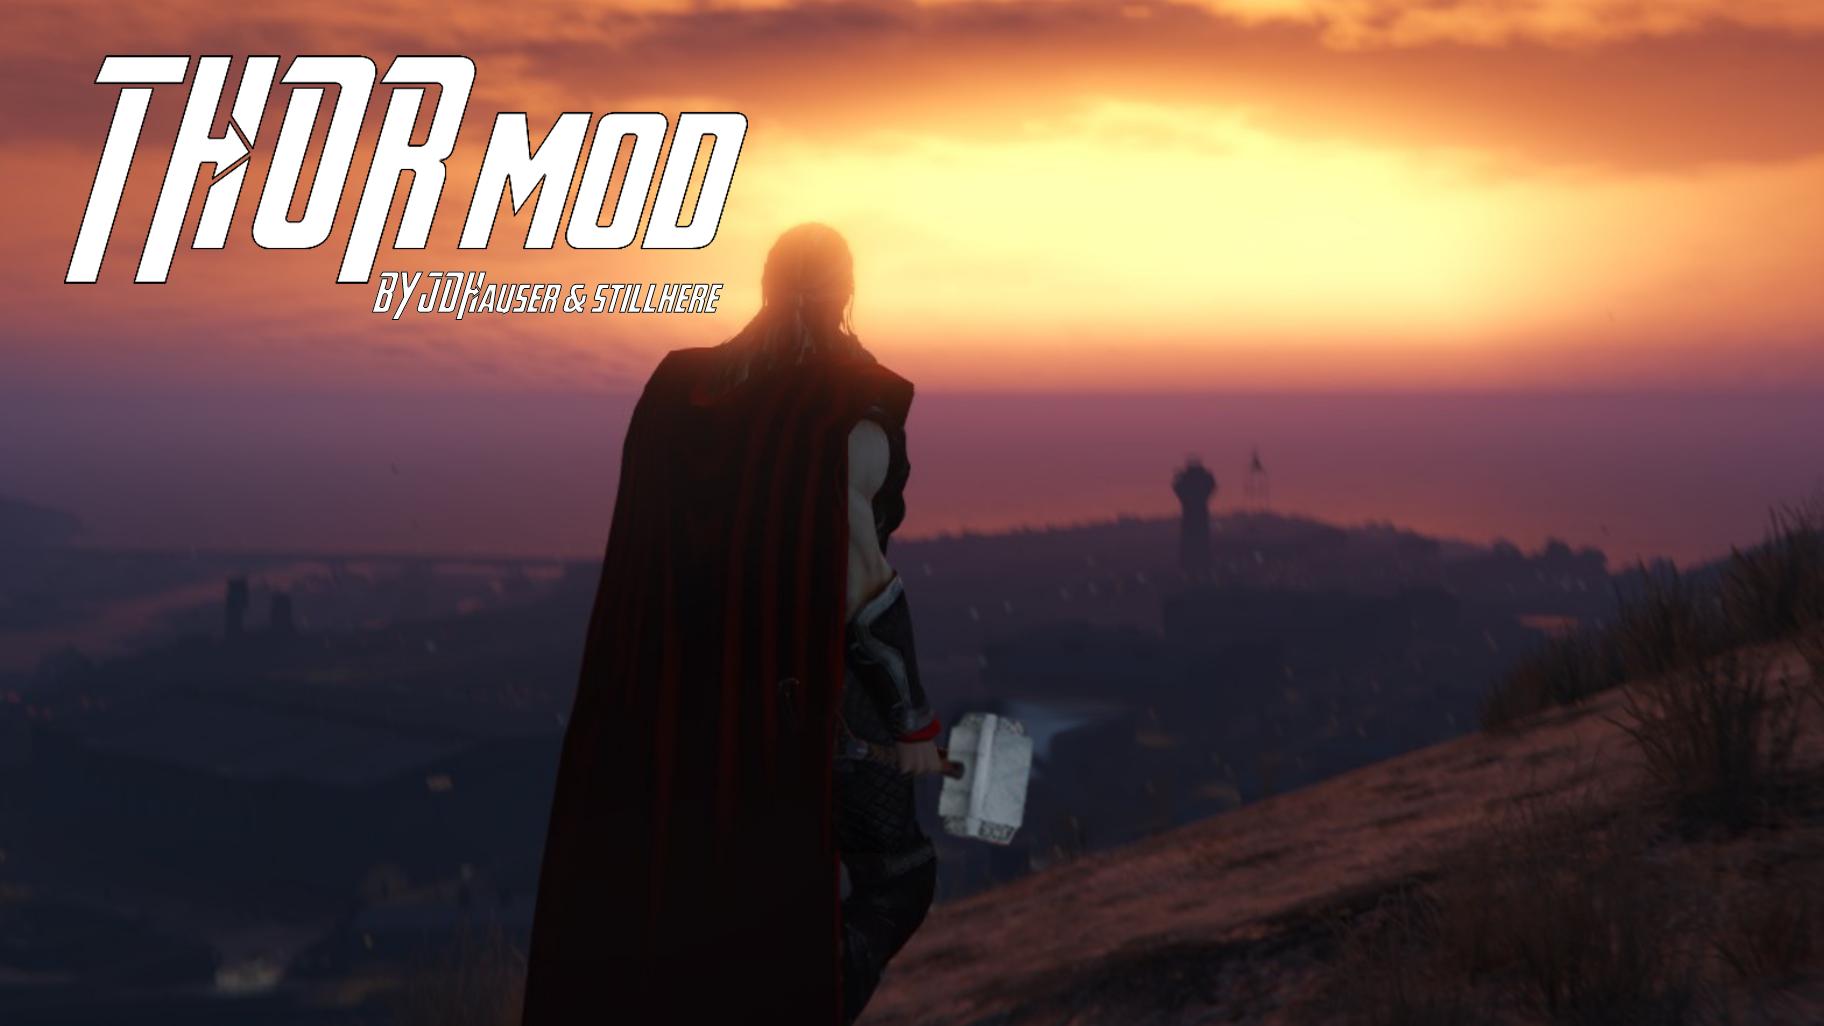 Thor Script